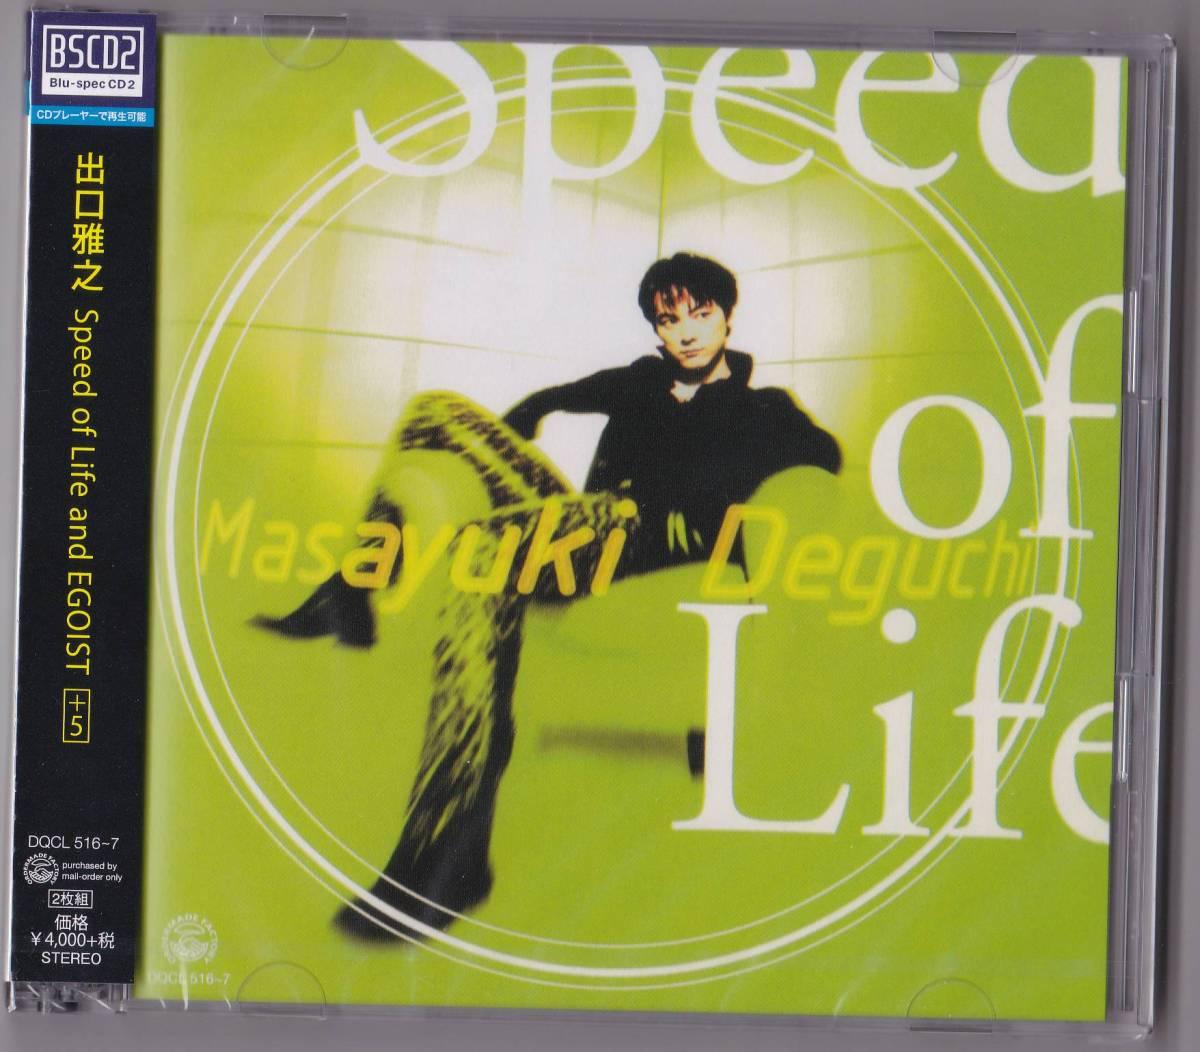 即決【未開封新品】 Blu-spec CD2 ■ 出口雅之 ■ SPEED OF LIFE and EGOIST+5_画像1